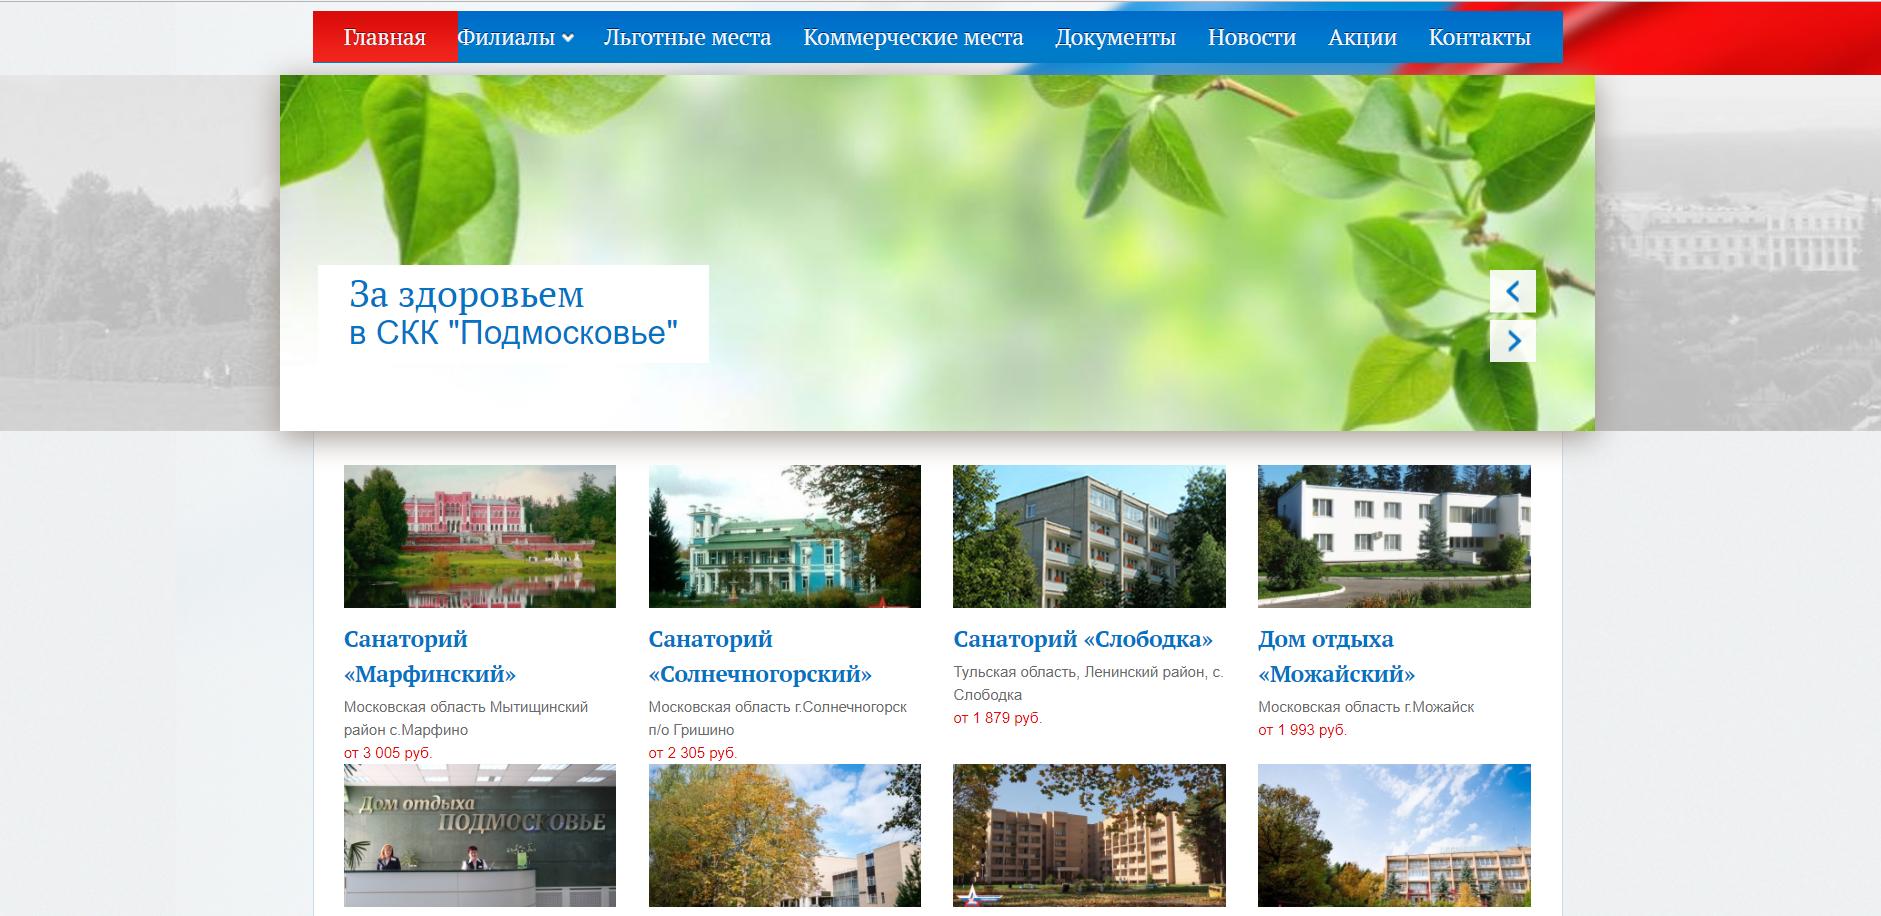 Ознакомиться с информацией о санаторно-курортном комплексе «Подмосковье» можно на официальном сайте